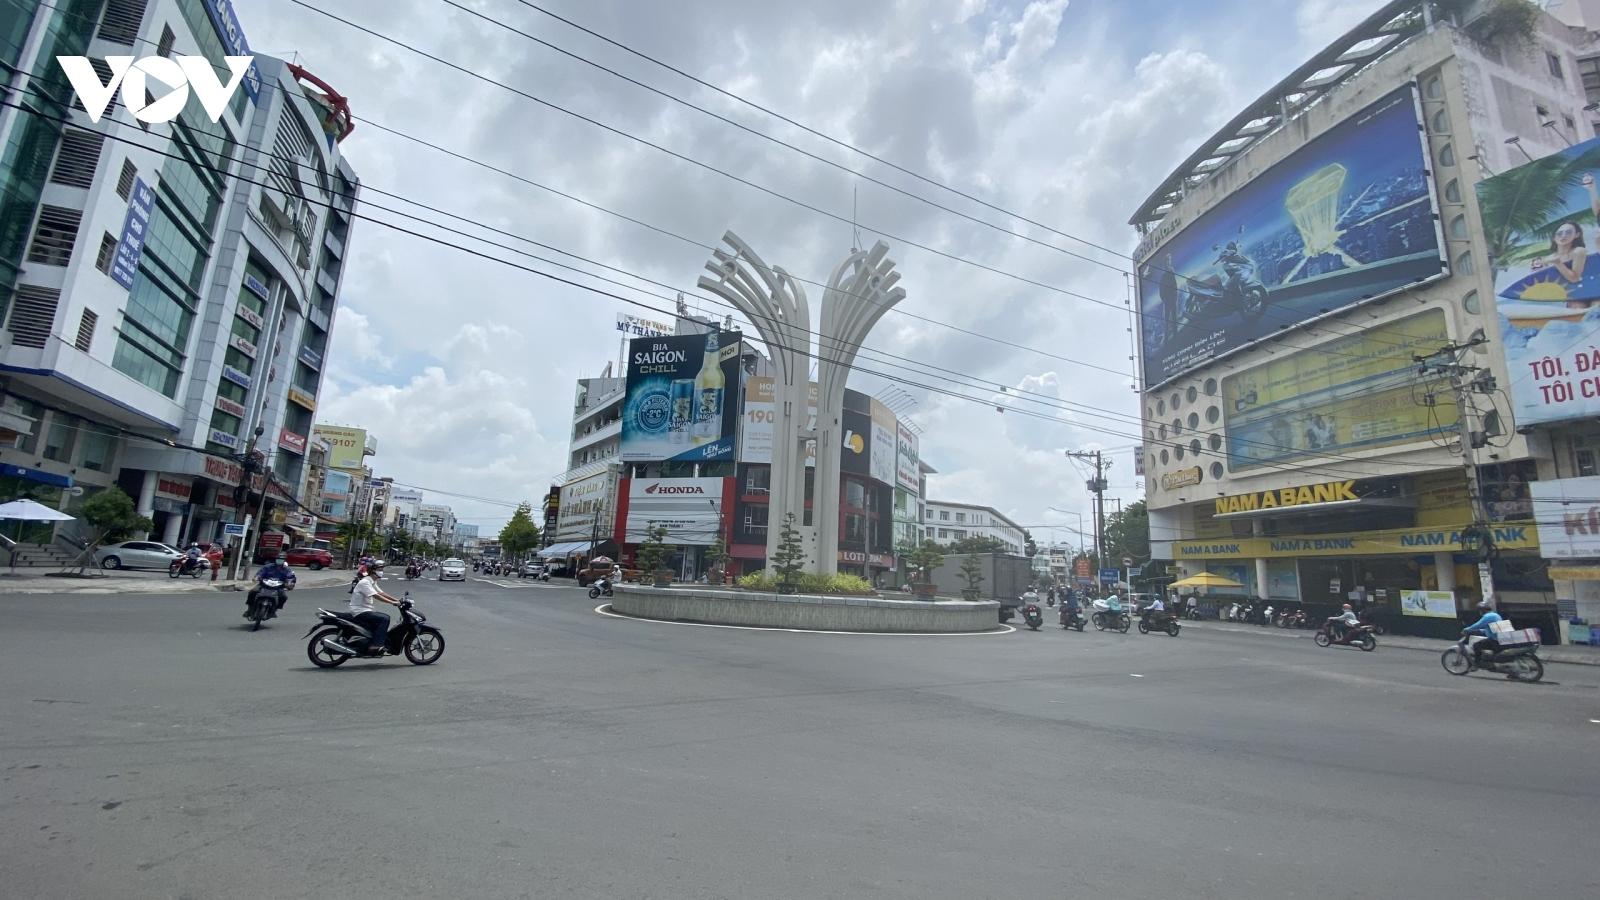 Nhiều tỉnh thành Đồng bằng Sông Cửu Longáp dụng chỉ thị 16 để phòng chống dịch bệnh